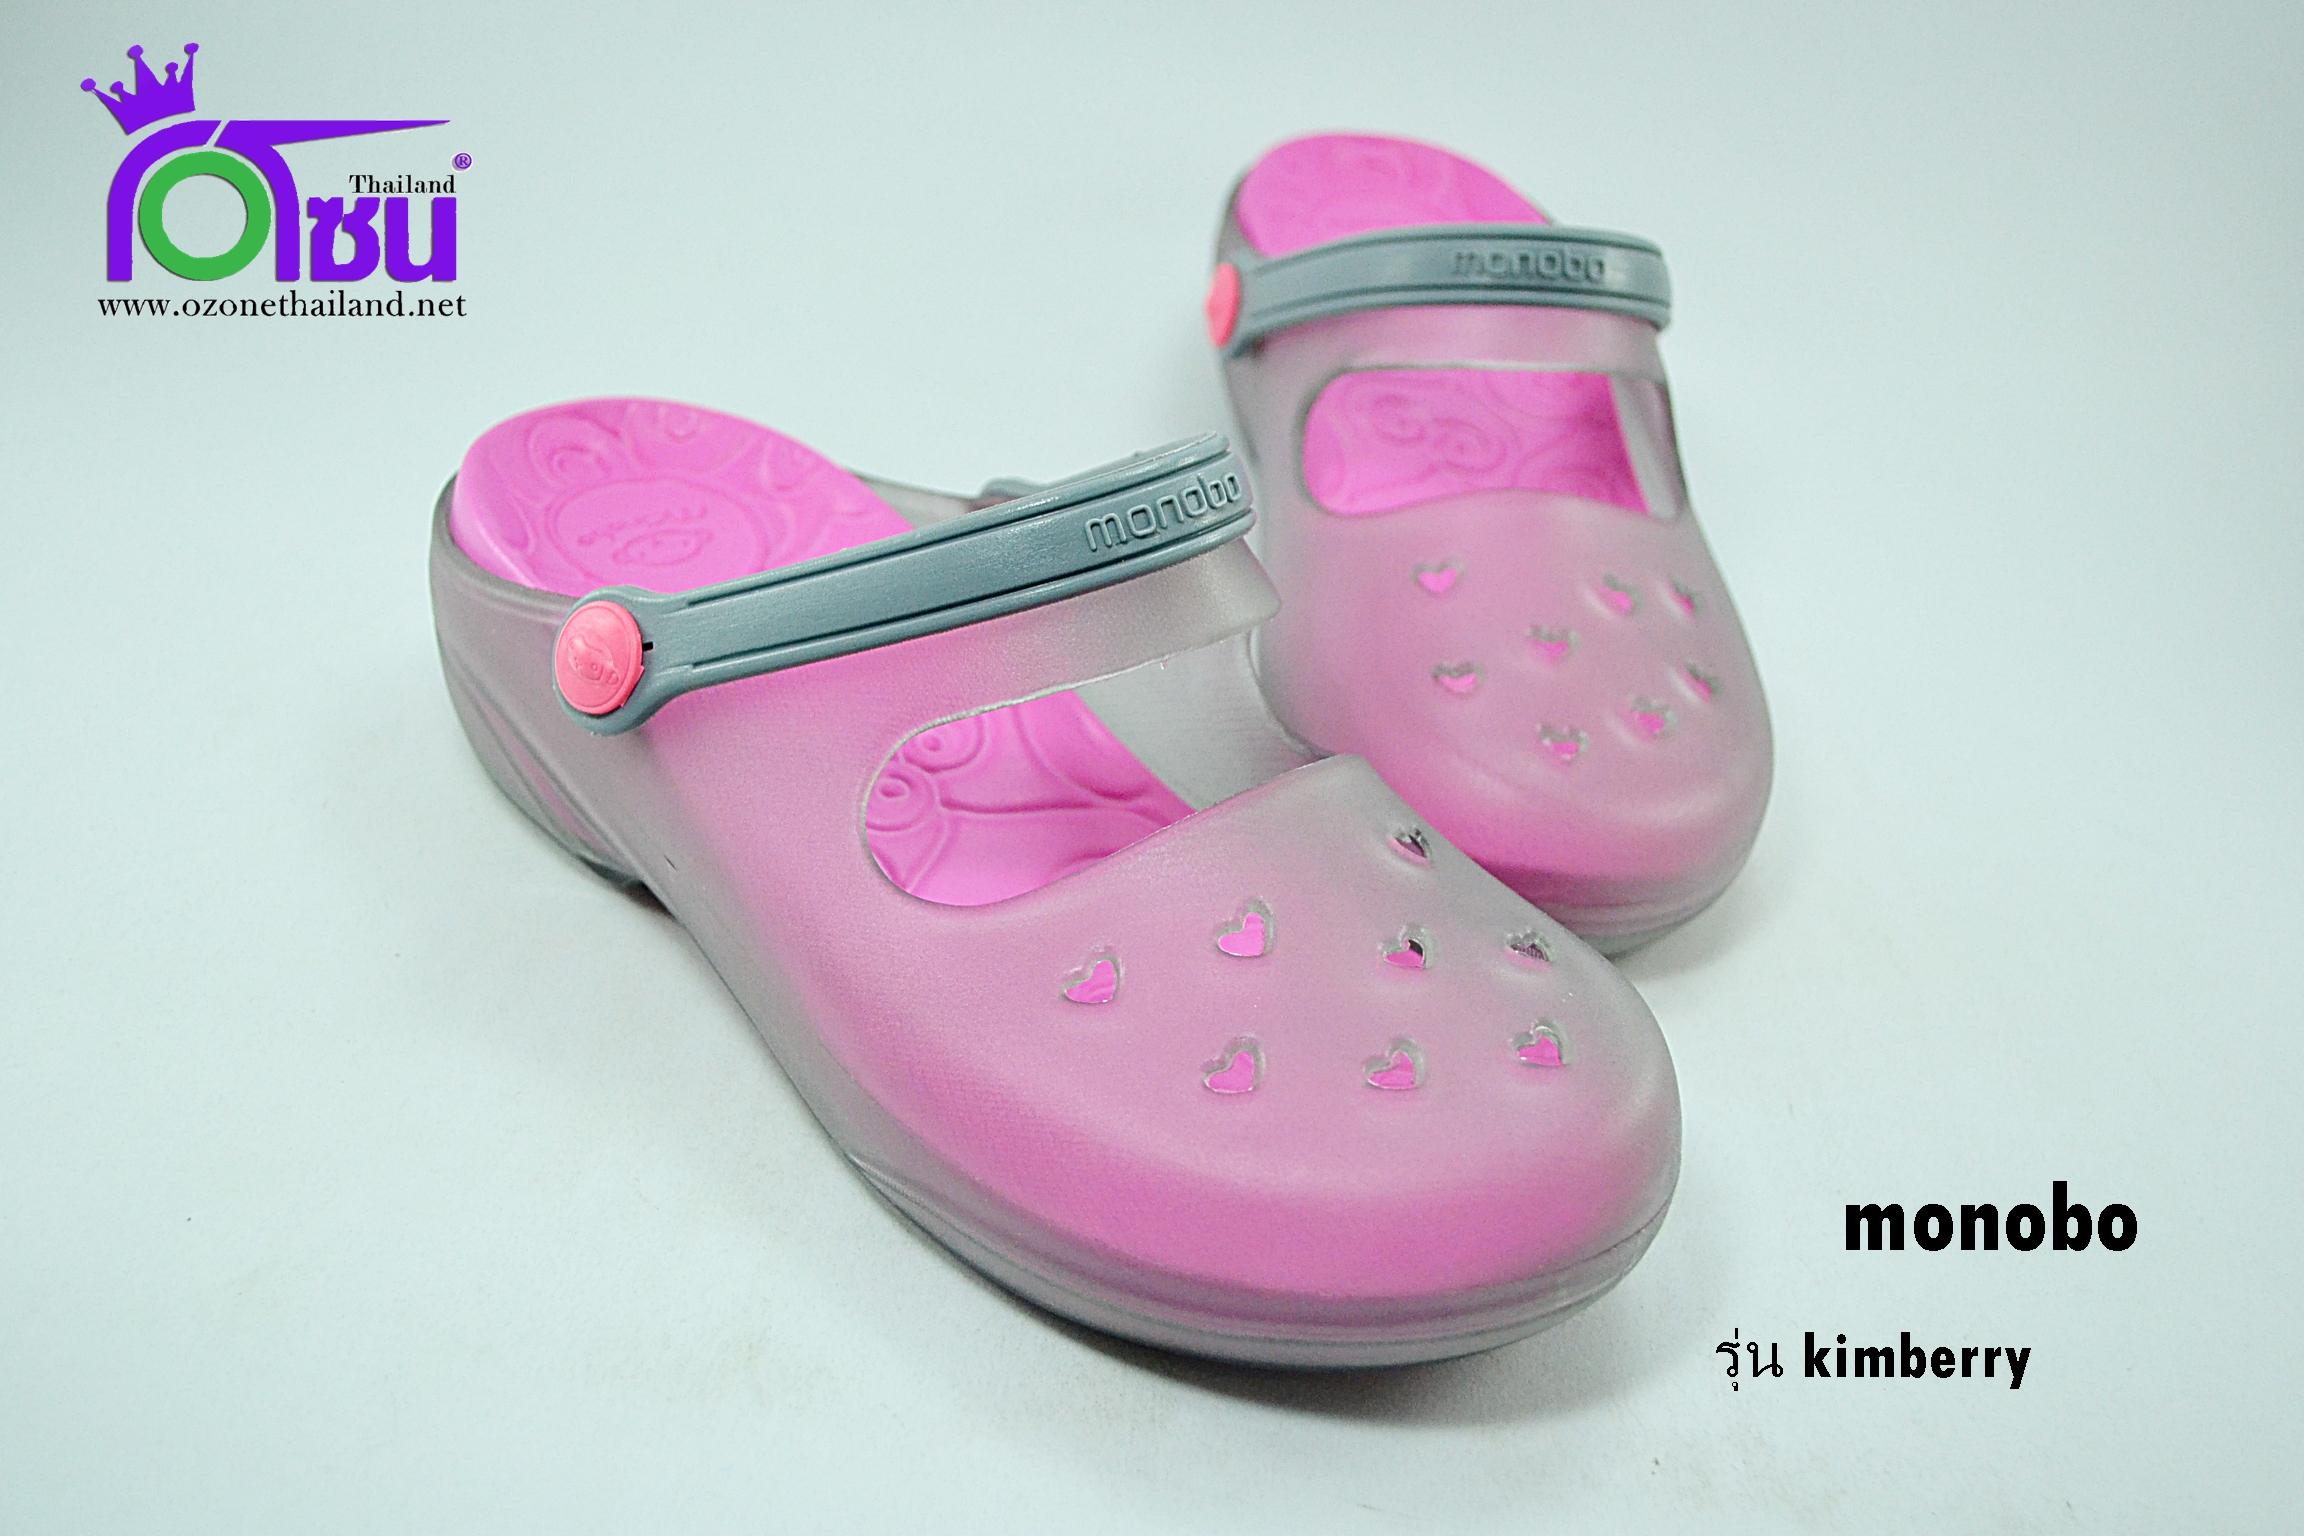 รองเท้าแตะ Monobo Jello โมโนโบ้ รุ่น kim berry สวม สี บานเย็น เบอร์ 5-8